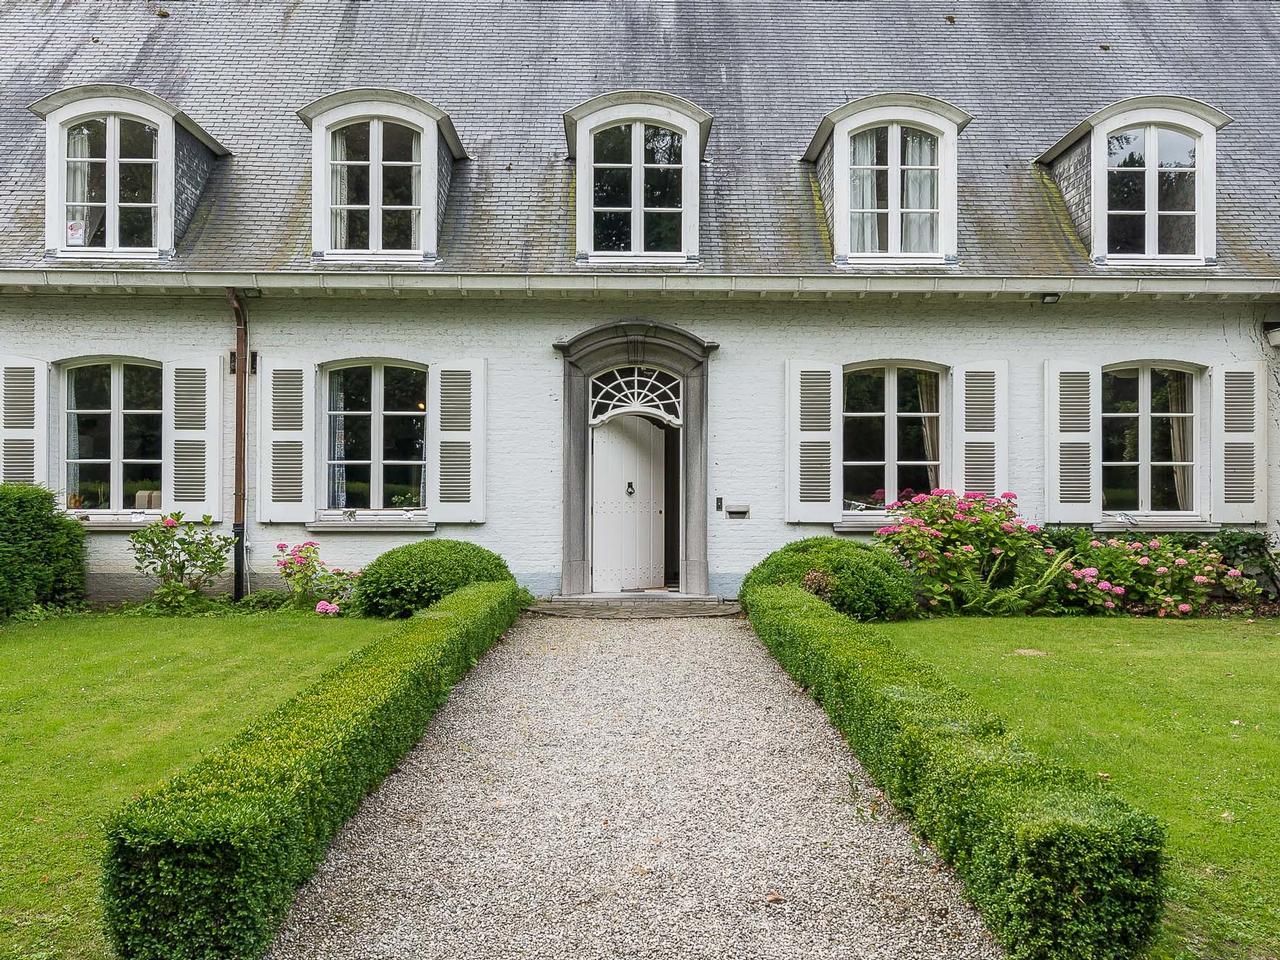 Другая жилая недвижимость для того Продажа на Louvain I Manoir et son parc Other Belgium, Другие Регионы В Бельгии, 3020 Бельгия